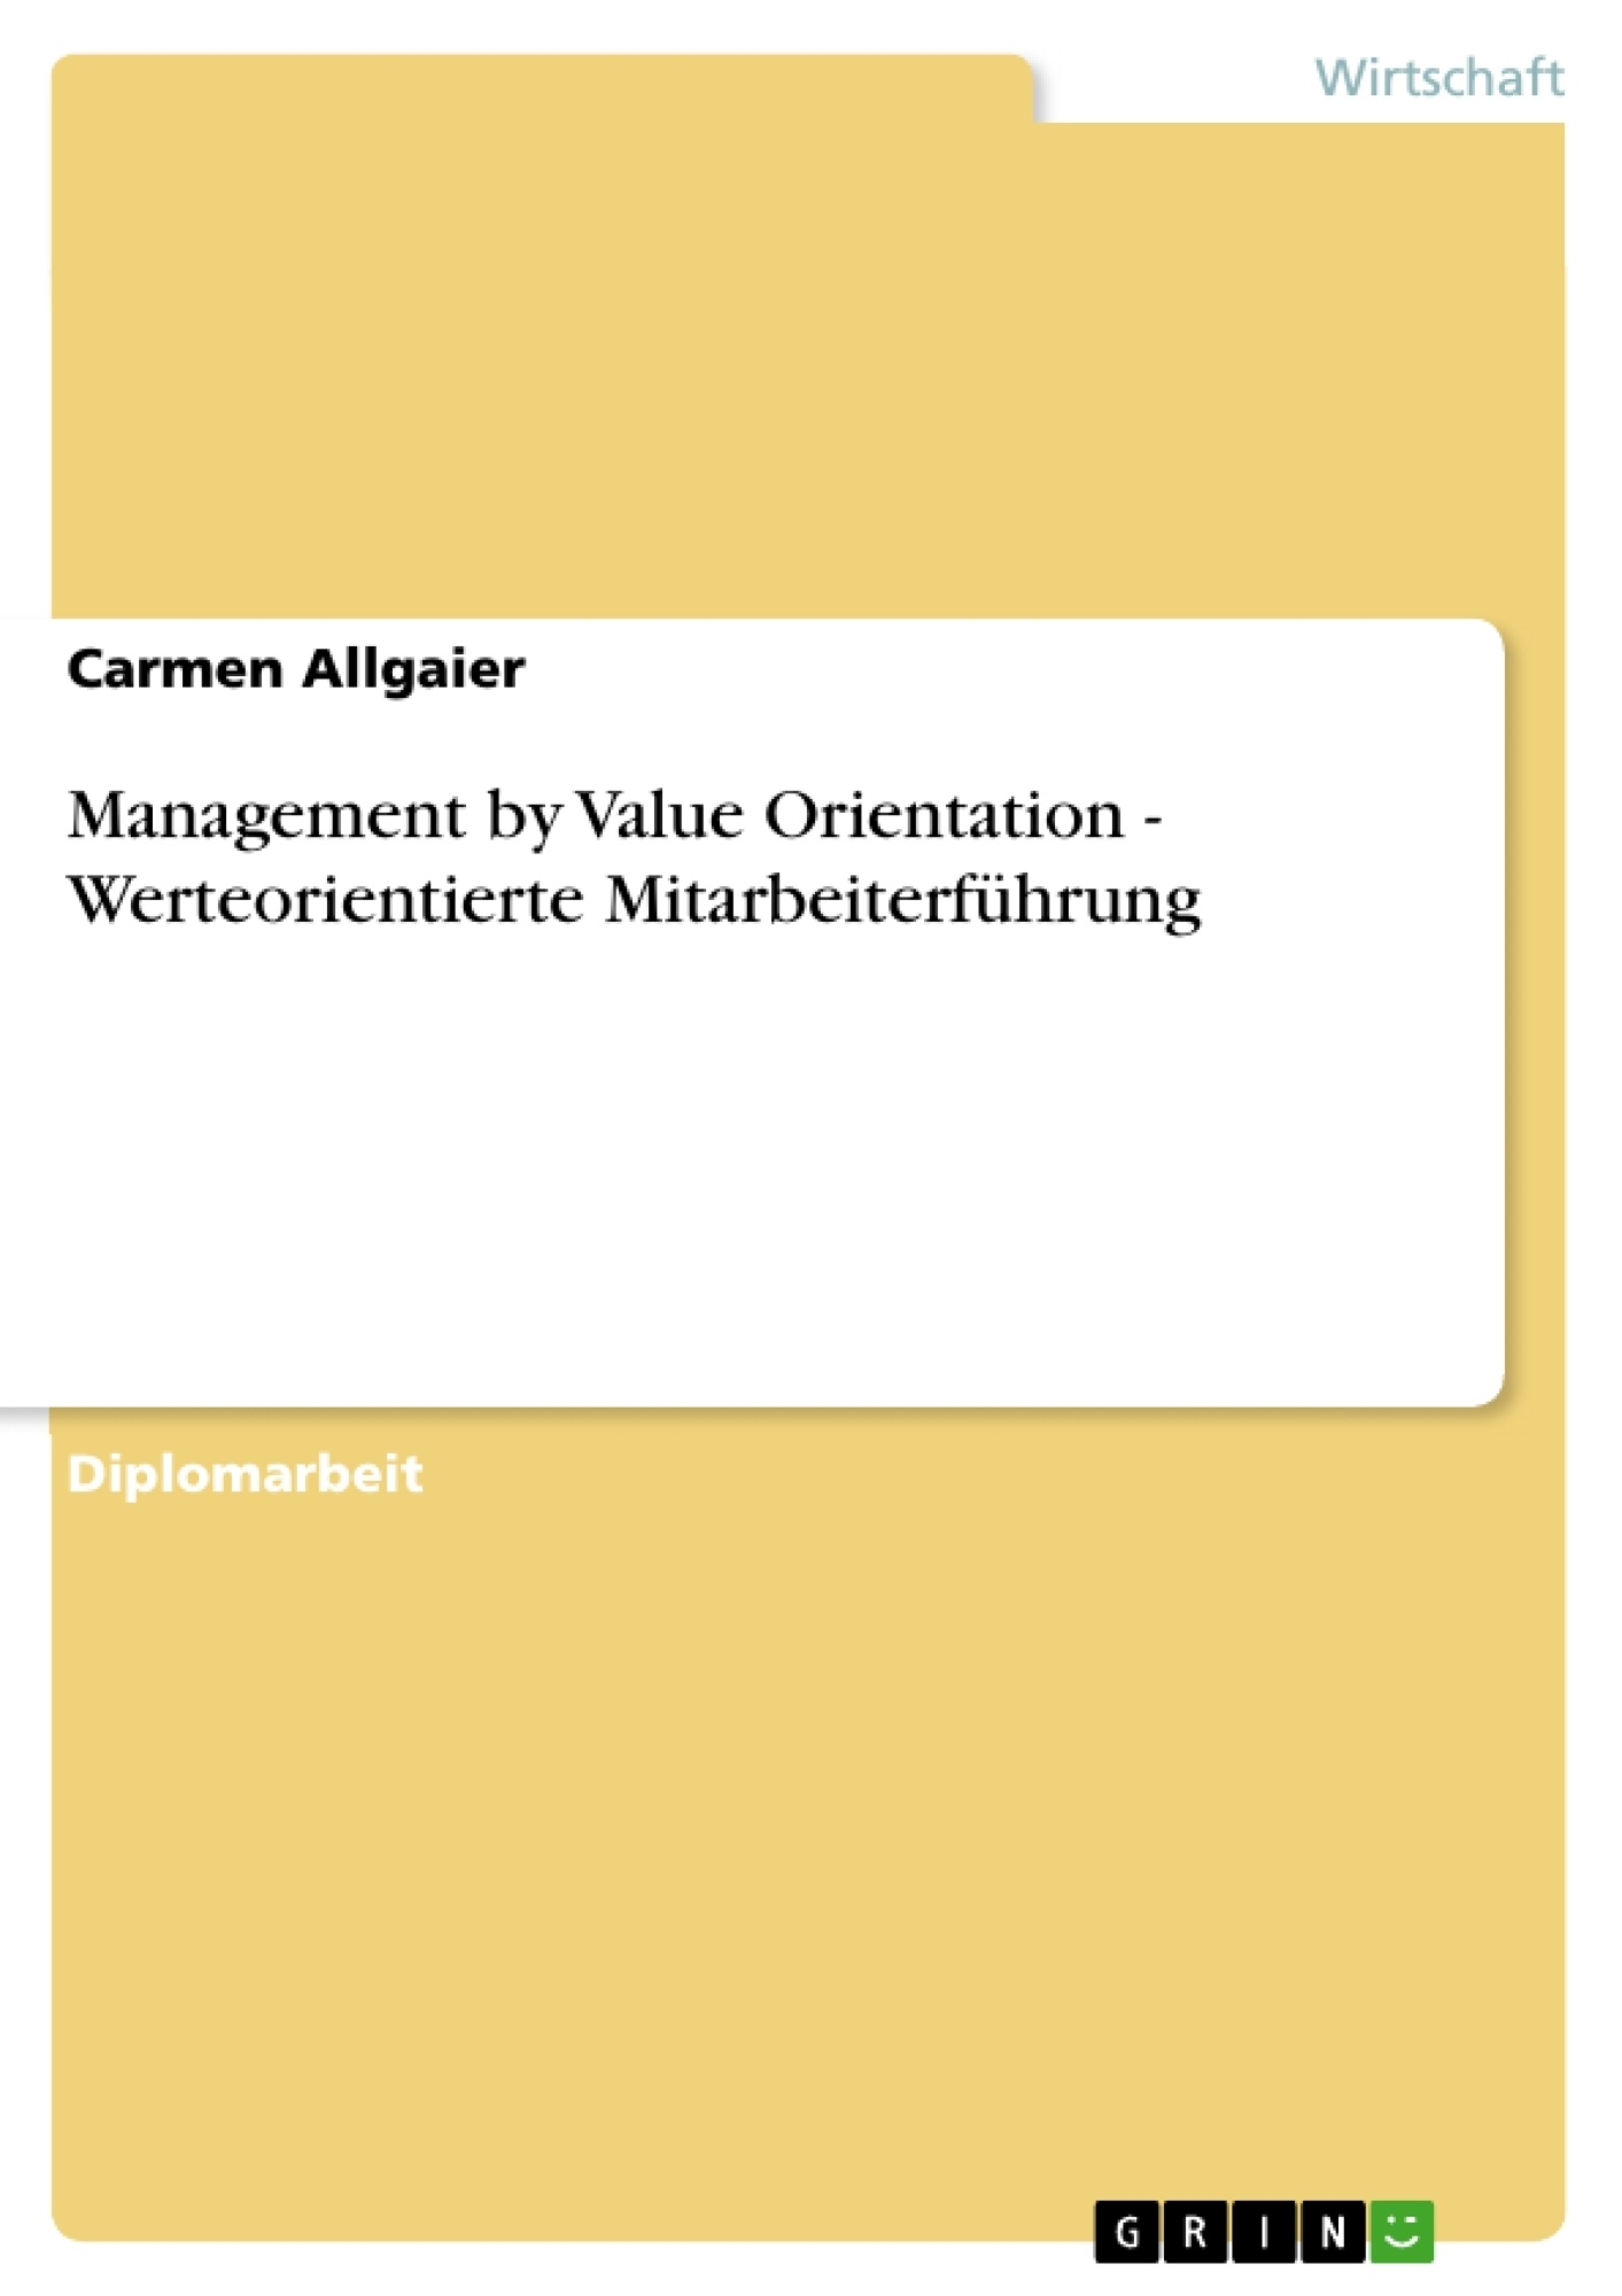 Titel: Management by Value Orientation - Werteorientierte Mitarbeiterführung